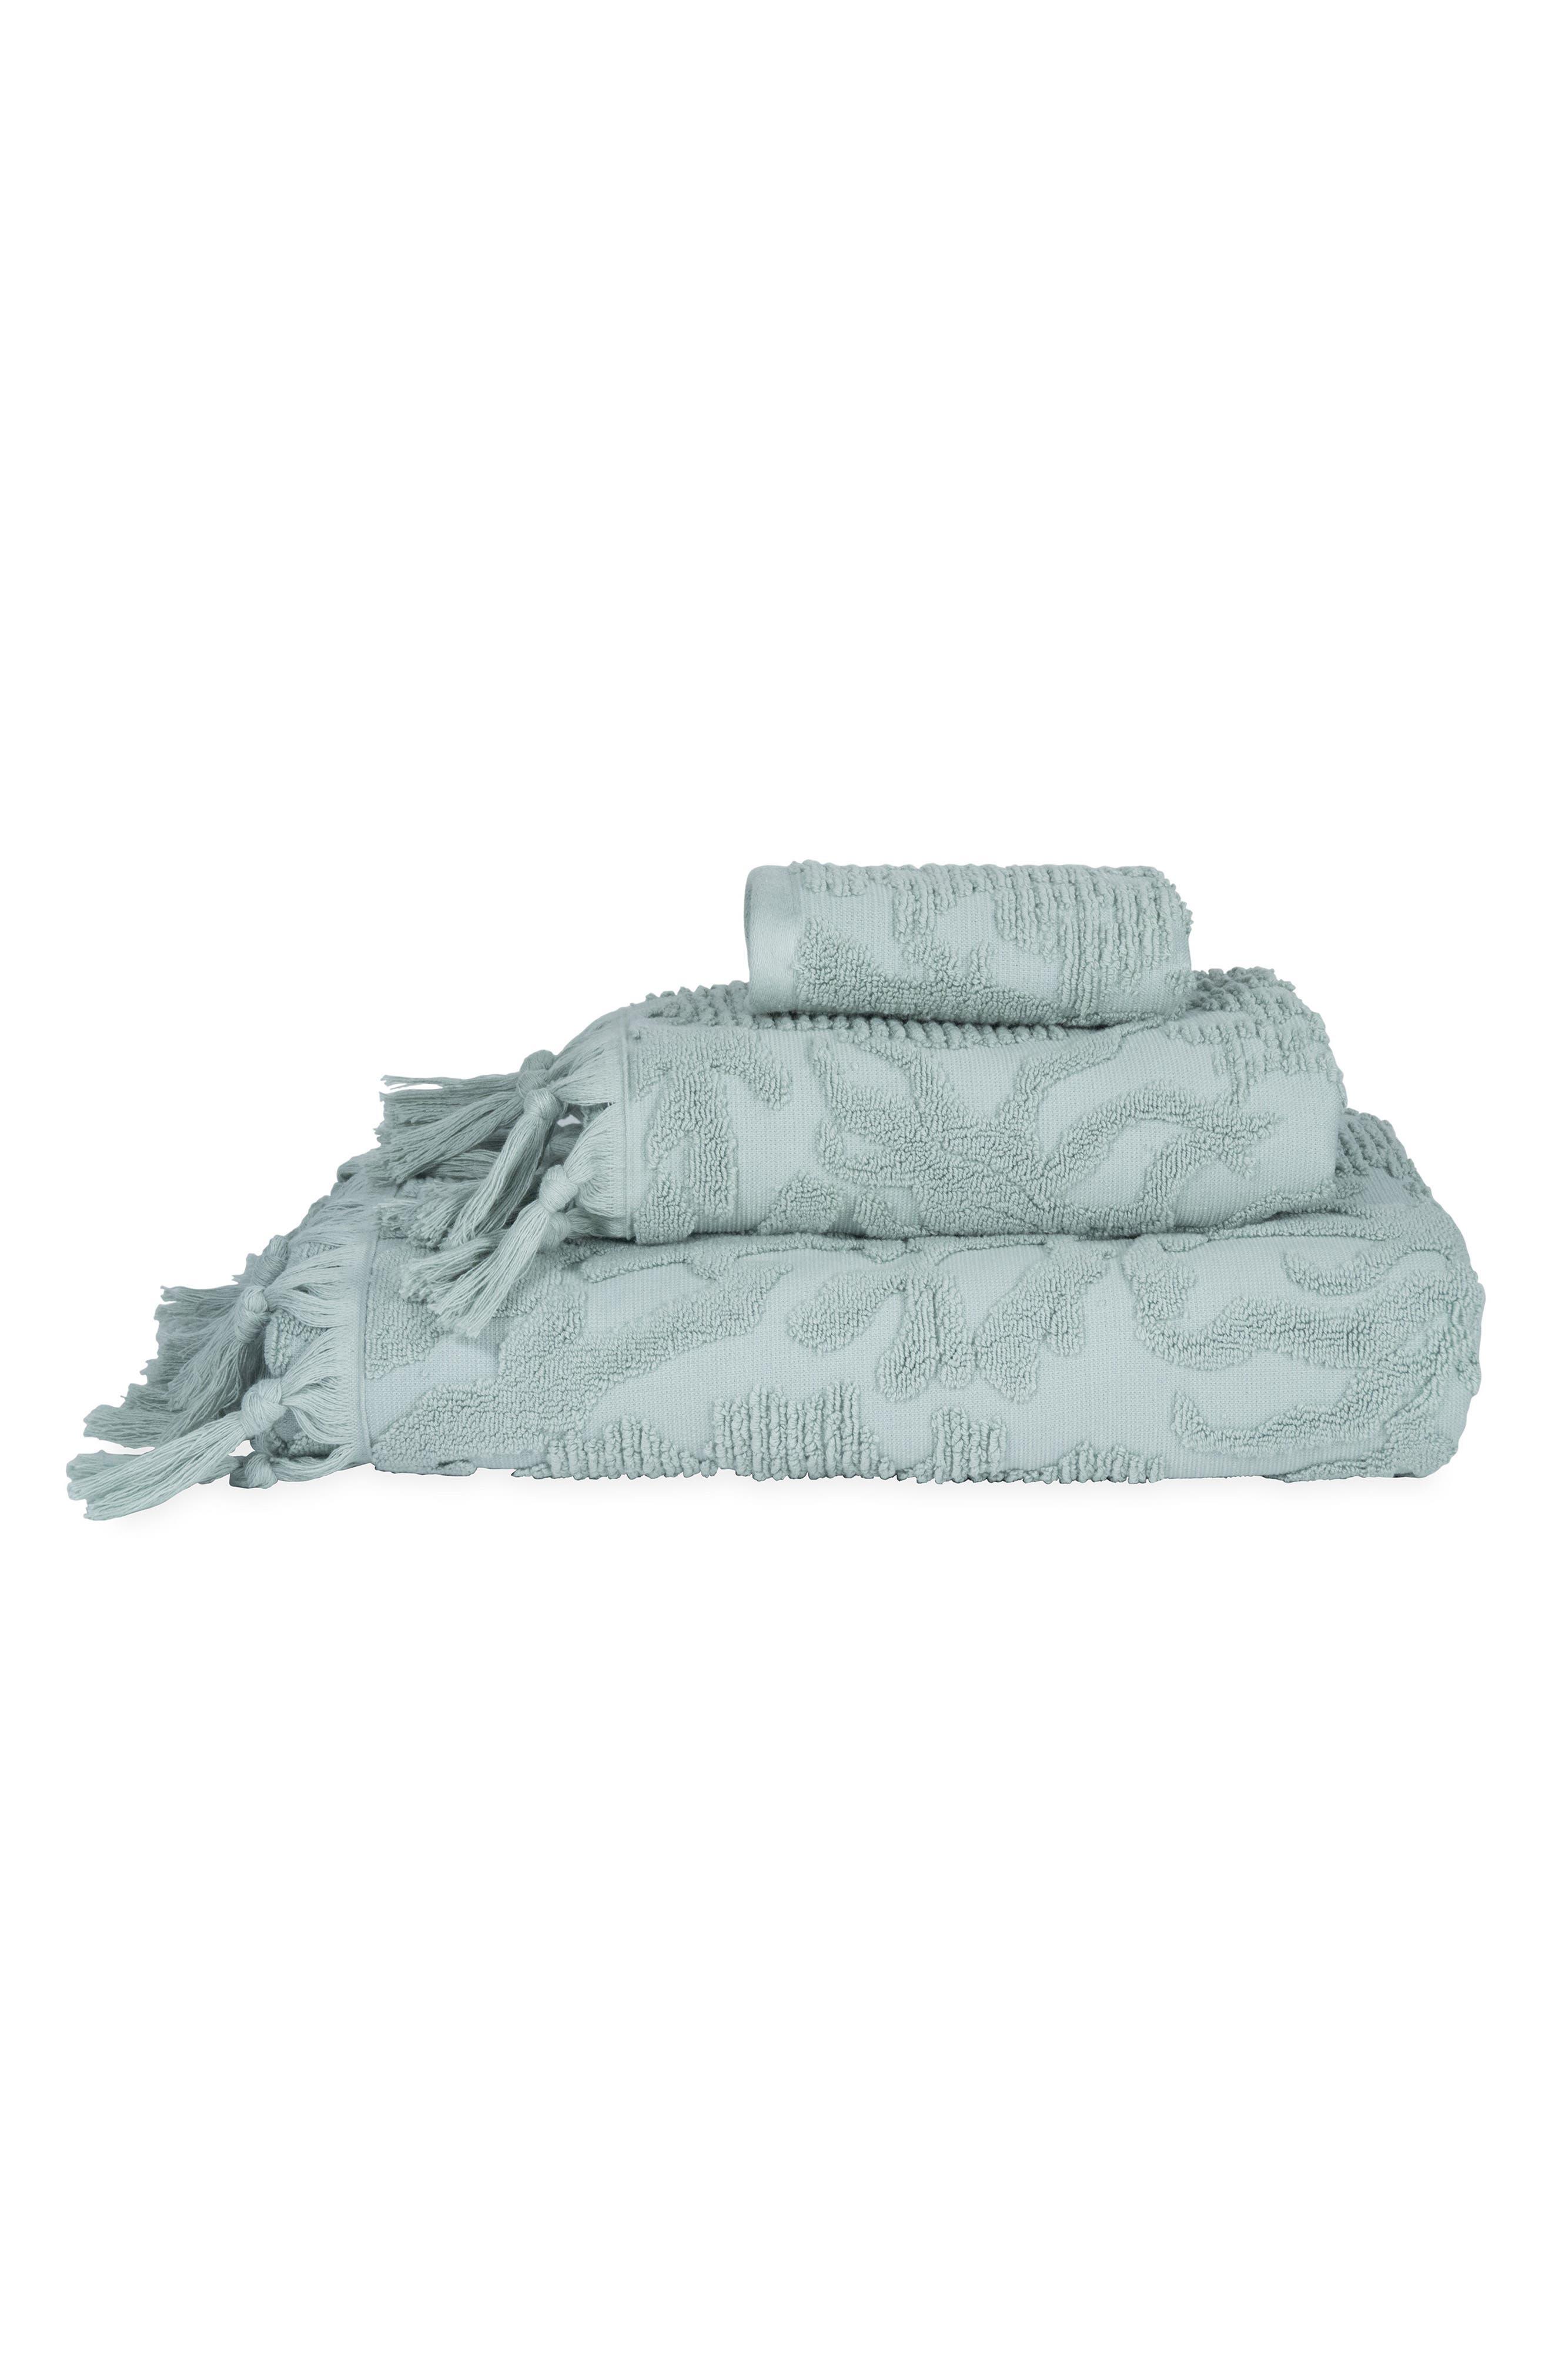 MICHAEL ARAM,                             Ocean Reef Hand Towel,                             Alternate thumbnail 2, color,                             SEAFOAM